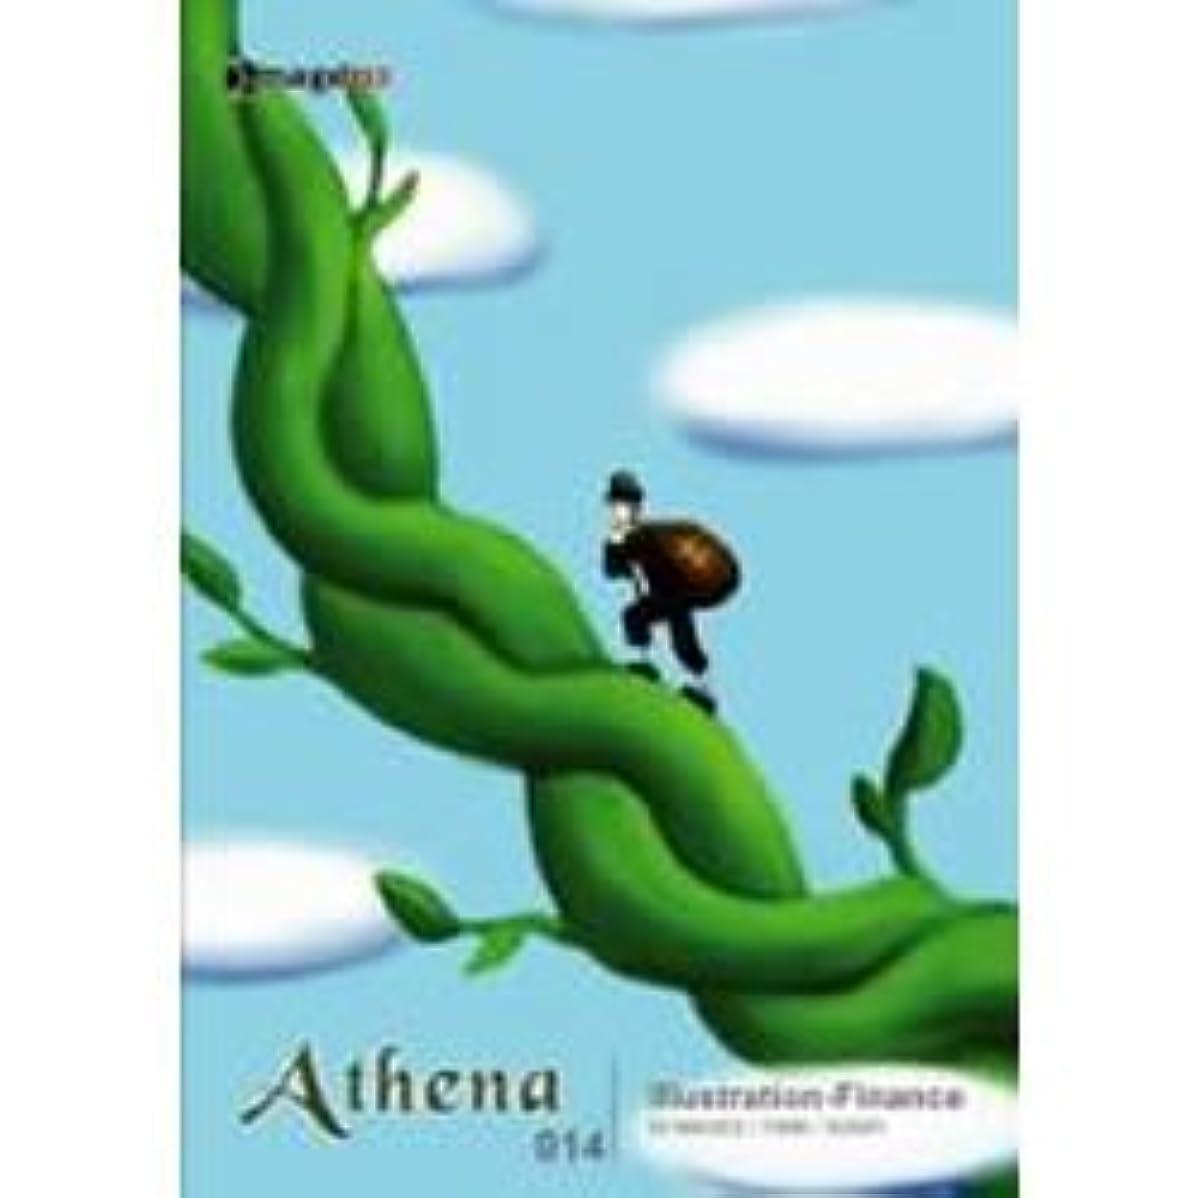 九時四十五分蒸気意図アテナ Vol.14 商業イメージ